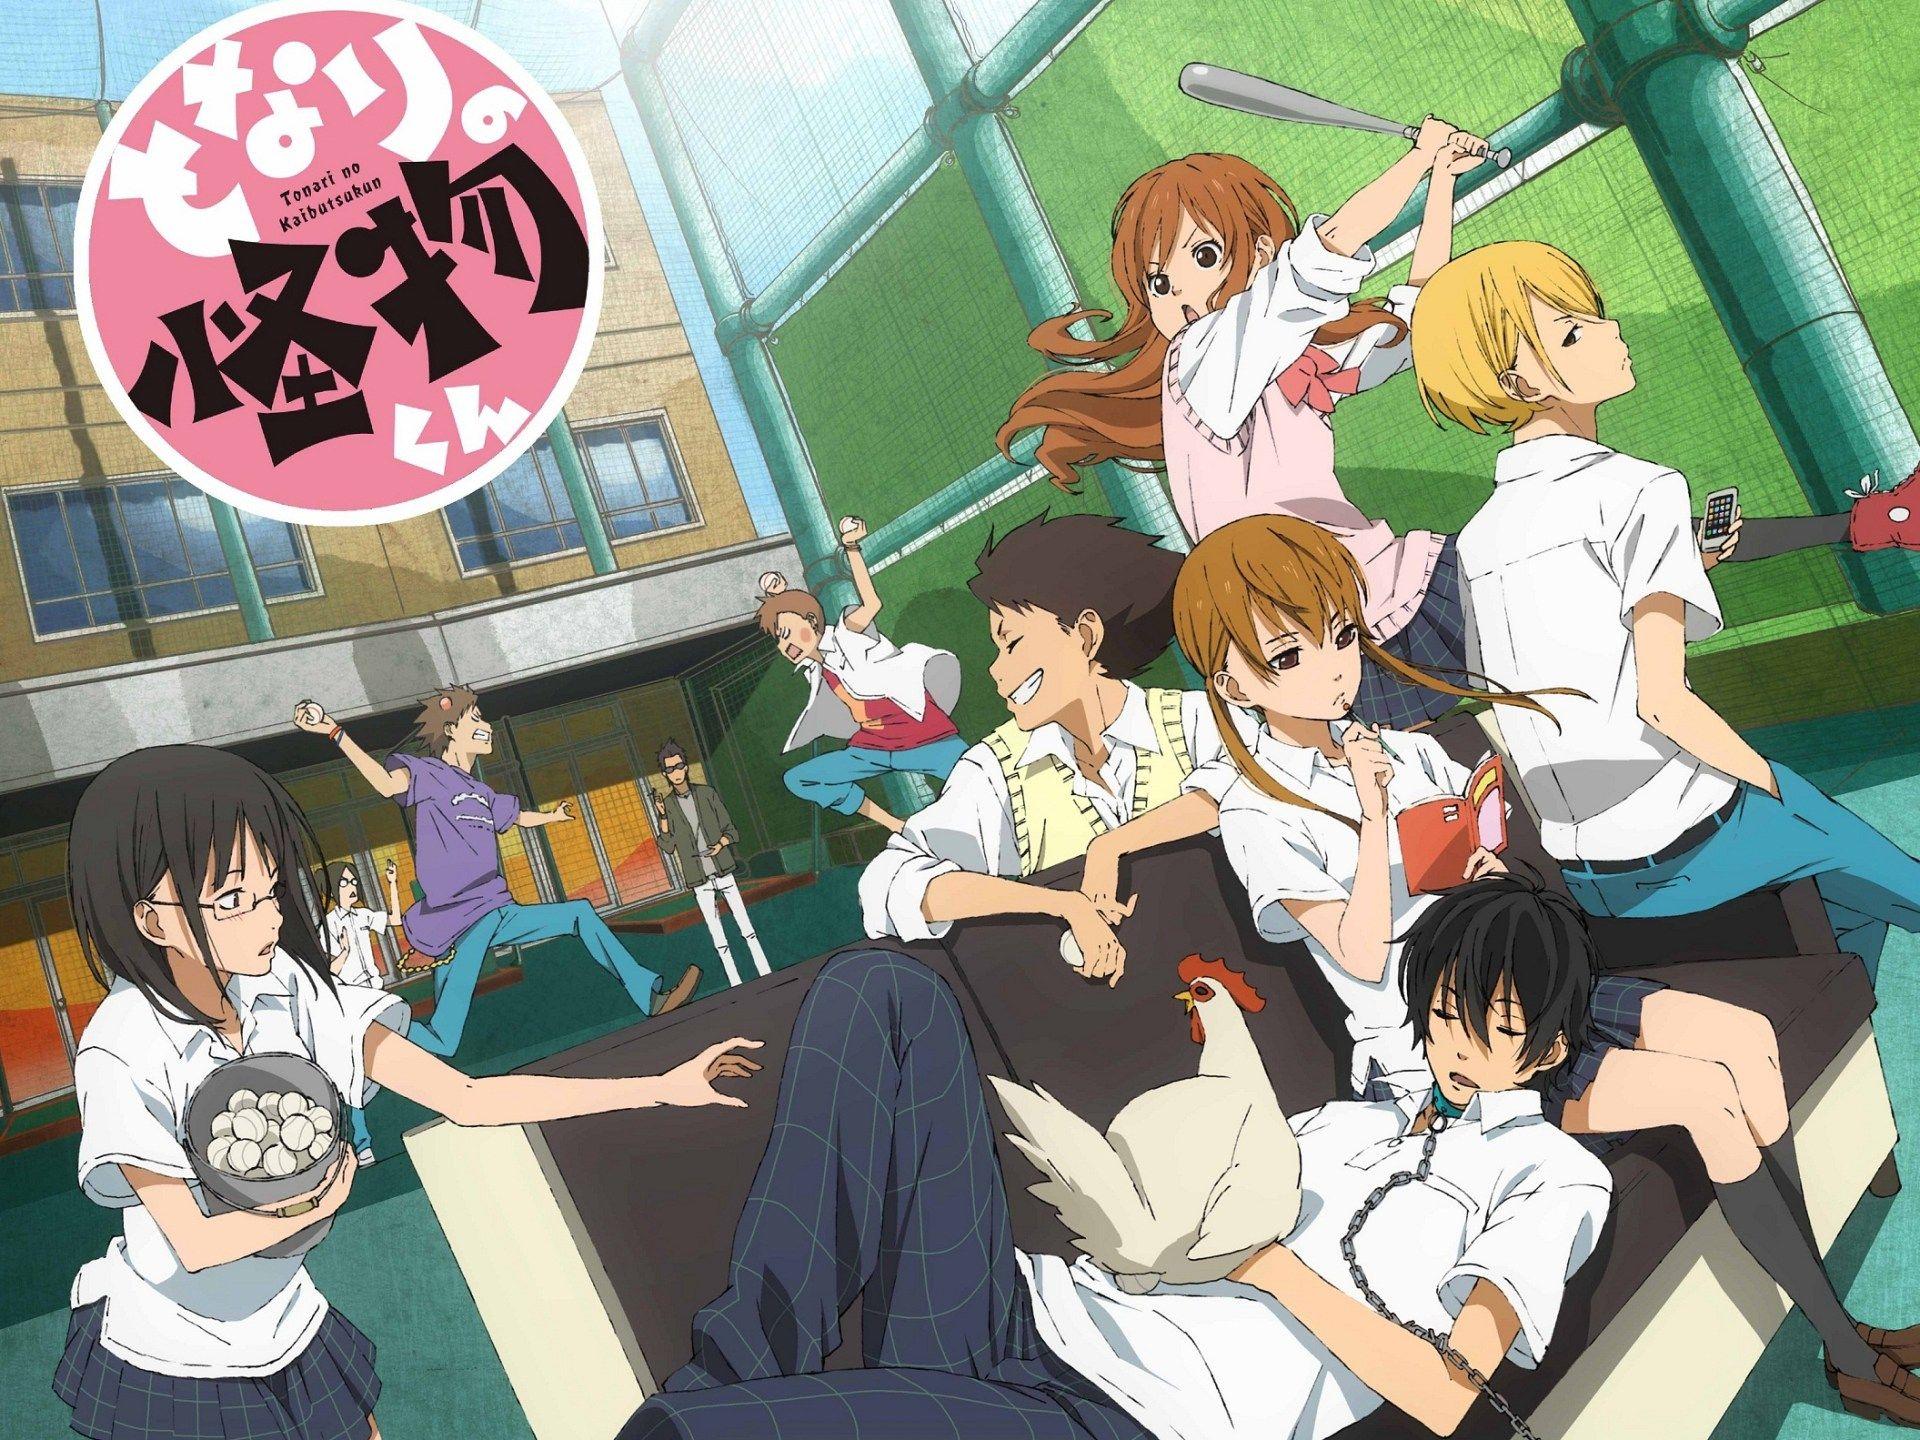 tonari no kaibutsu-kun | anime | pinterest | anime